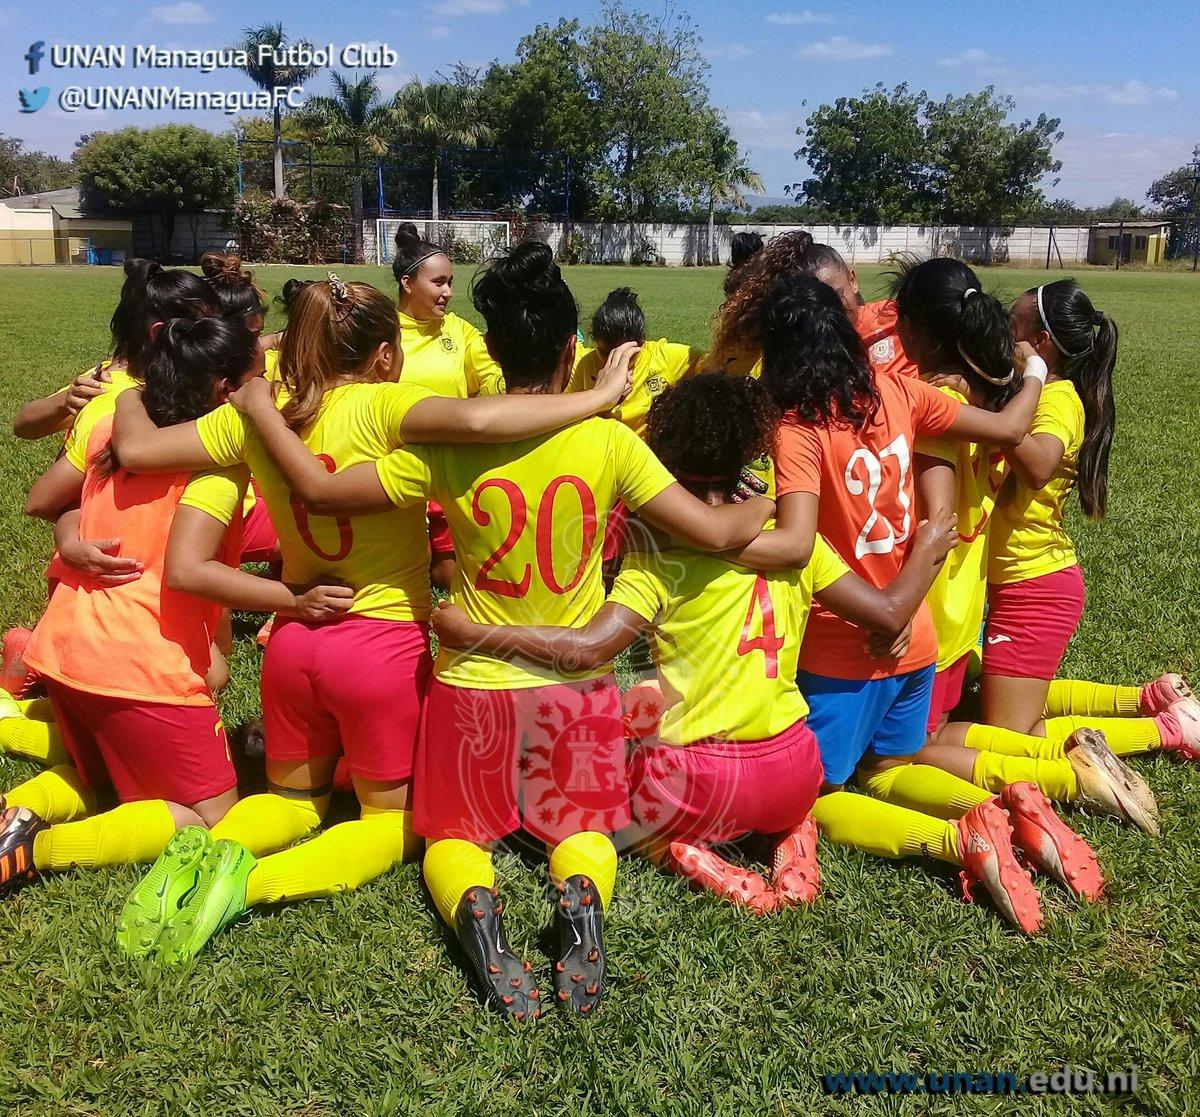 ▶✔Final del Partido   Primera Femenil  Águilas de León 0-2 @UNANManaguaFc  ⚽Julissa Acevedo (P) 53' ⚽Andrea Urroz 58'  #SoyGuerrera #MareaRojaYAmarilla